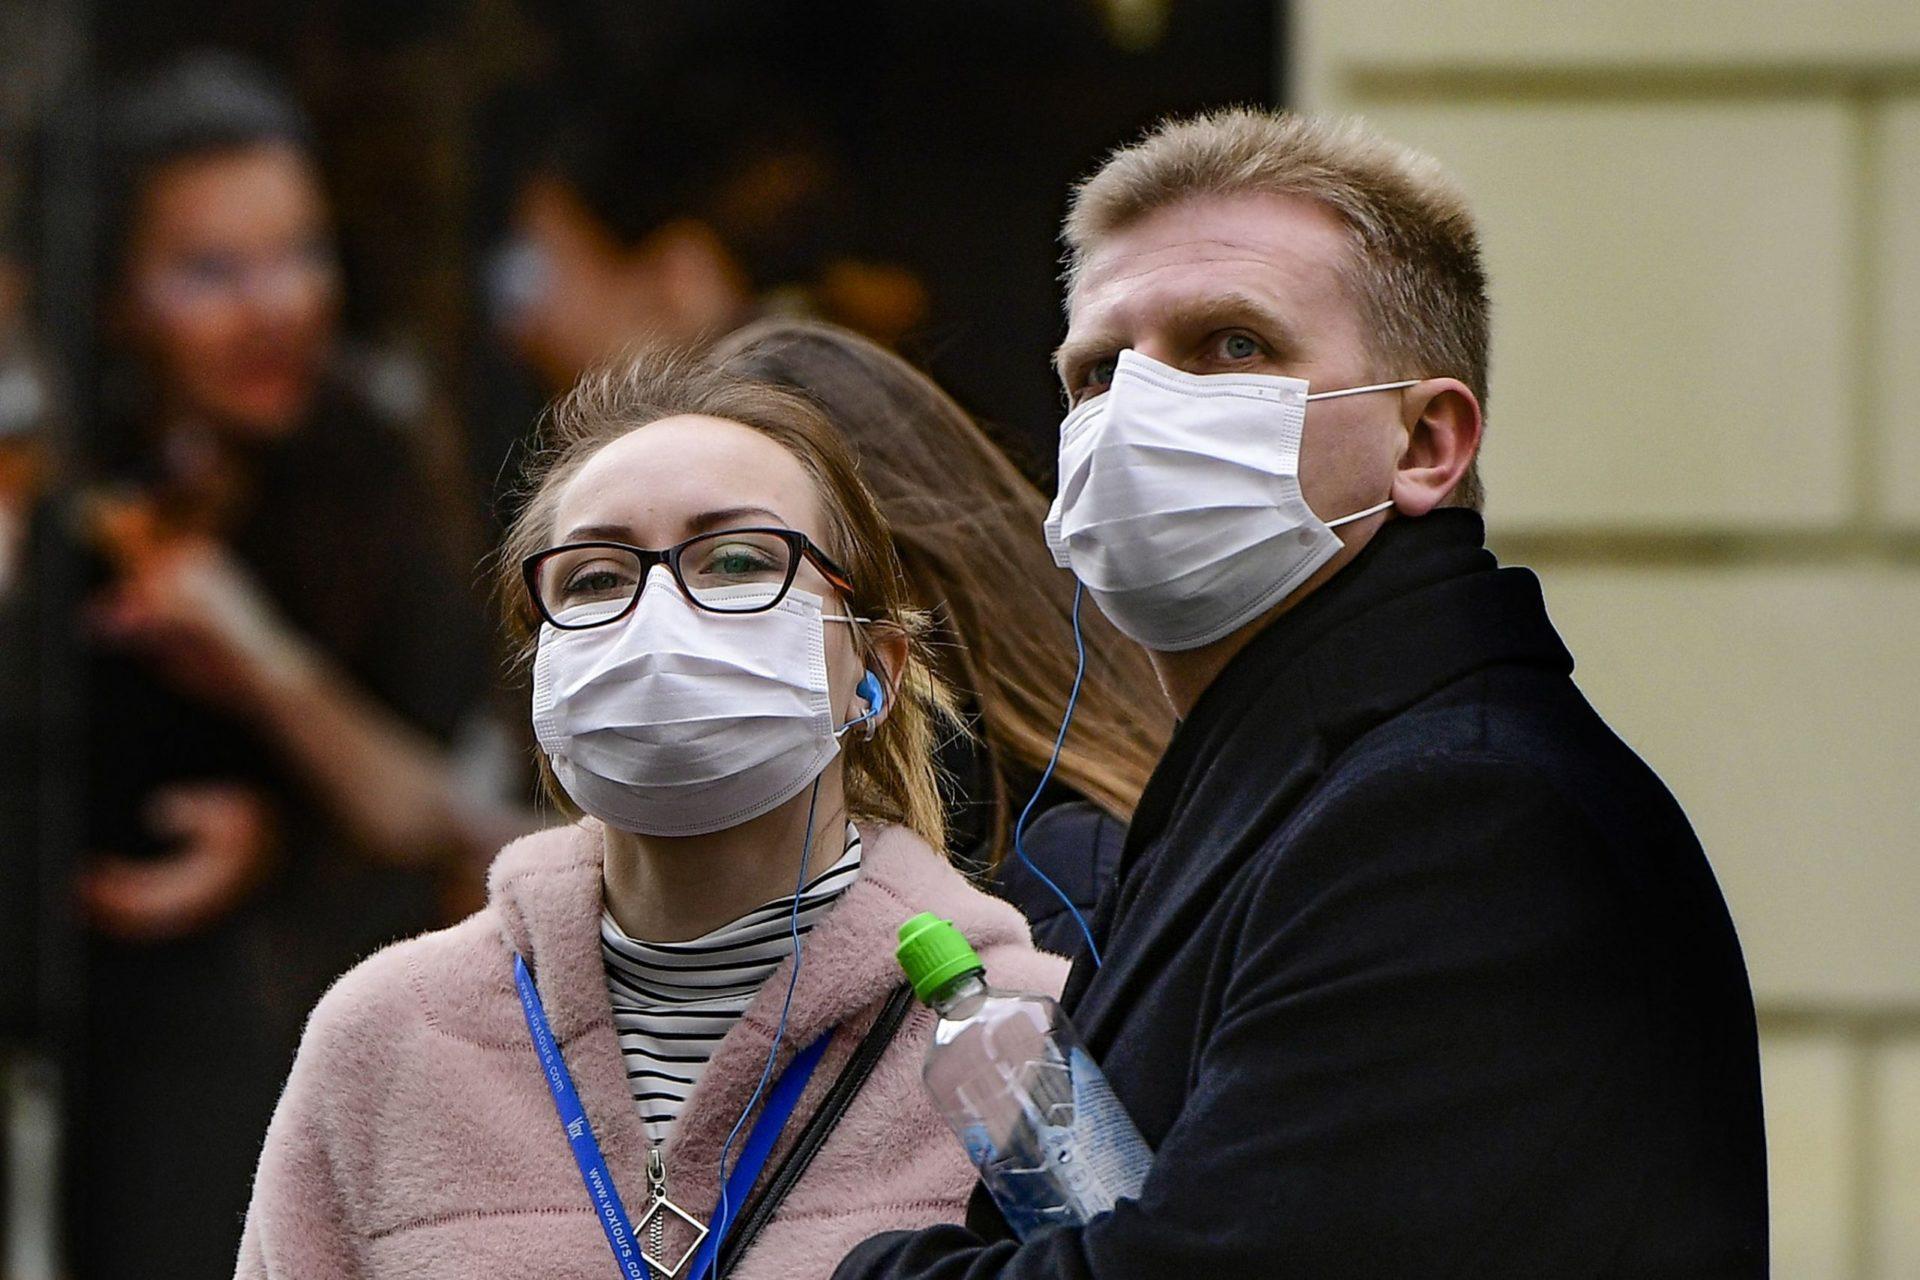 Ученые предупредили об опасности разговоров при коронавирусе COVID-19